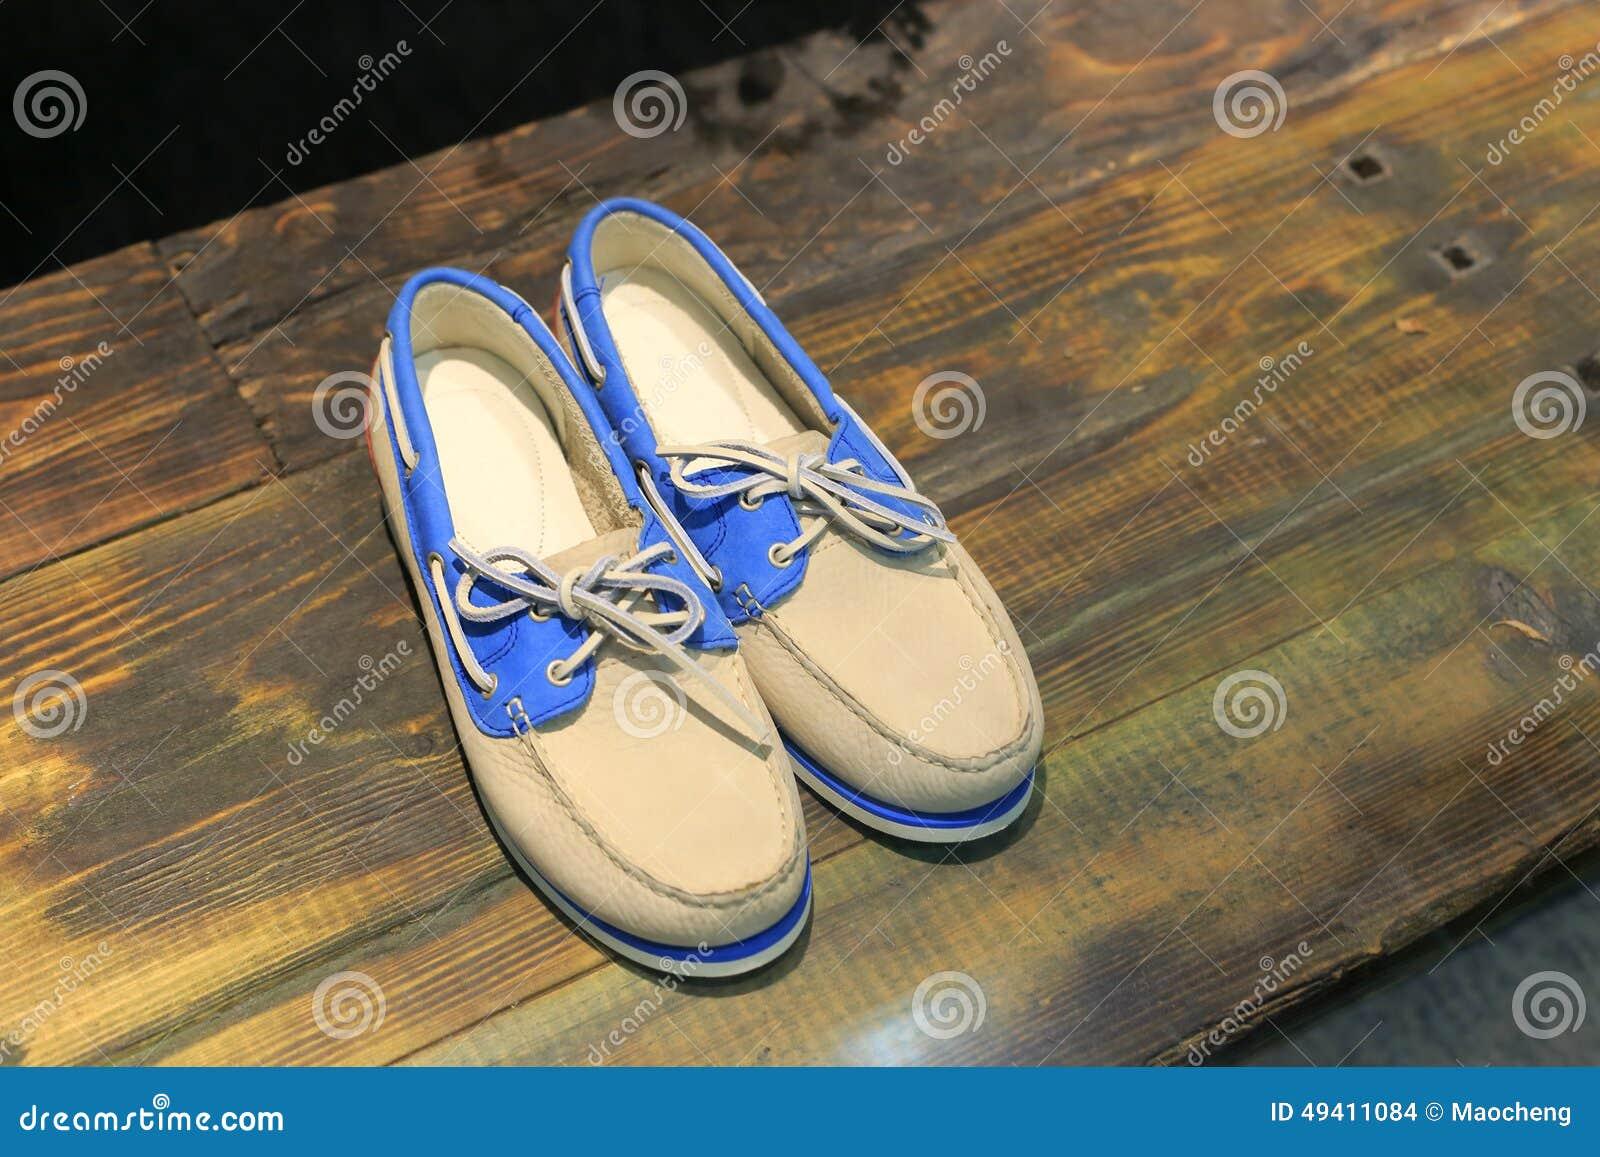 Download Beiläufige Schuhe stockfoto. Bild von beiläufig, fußbekleidung - 49411084